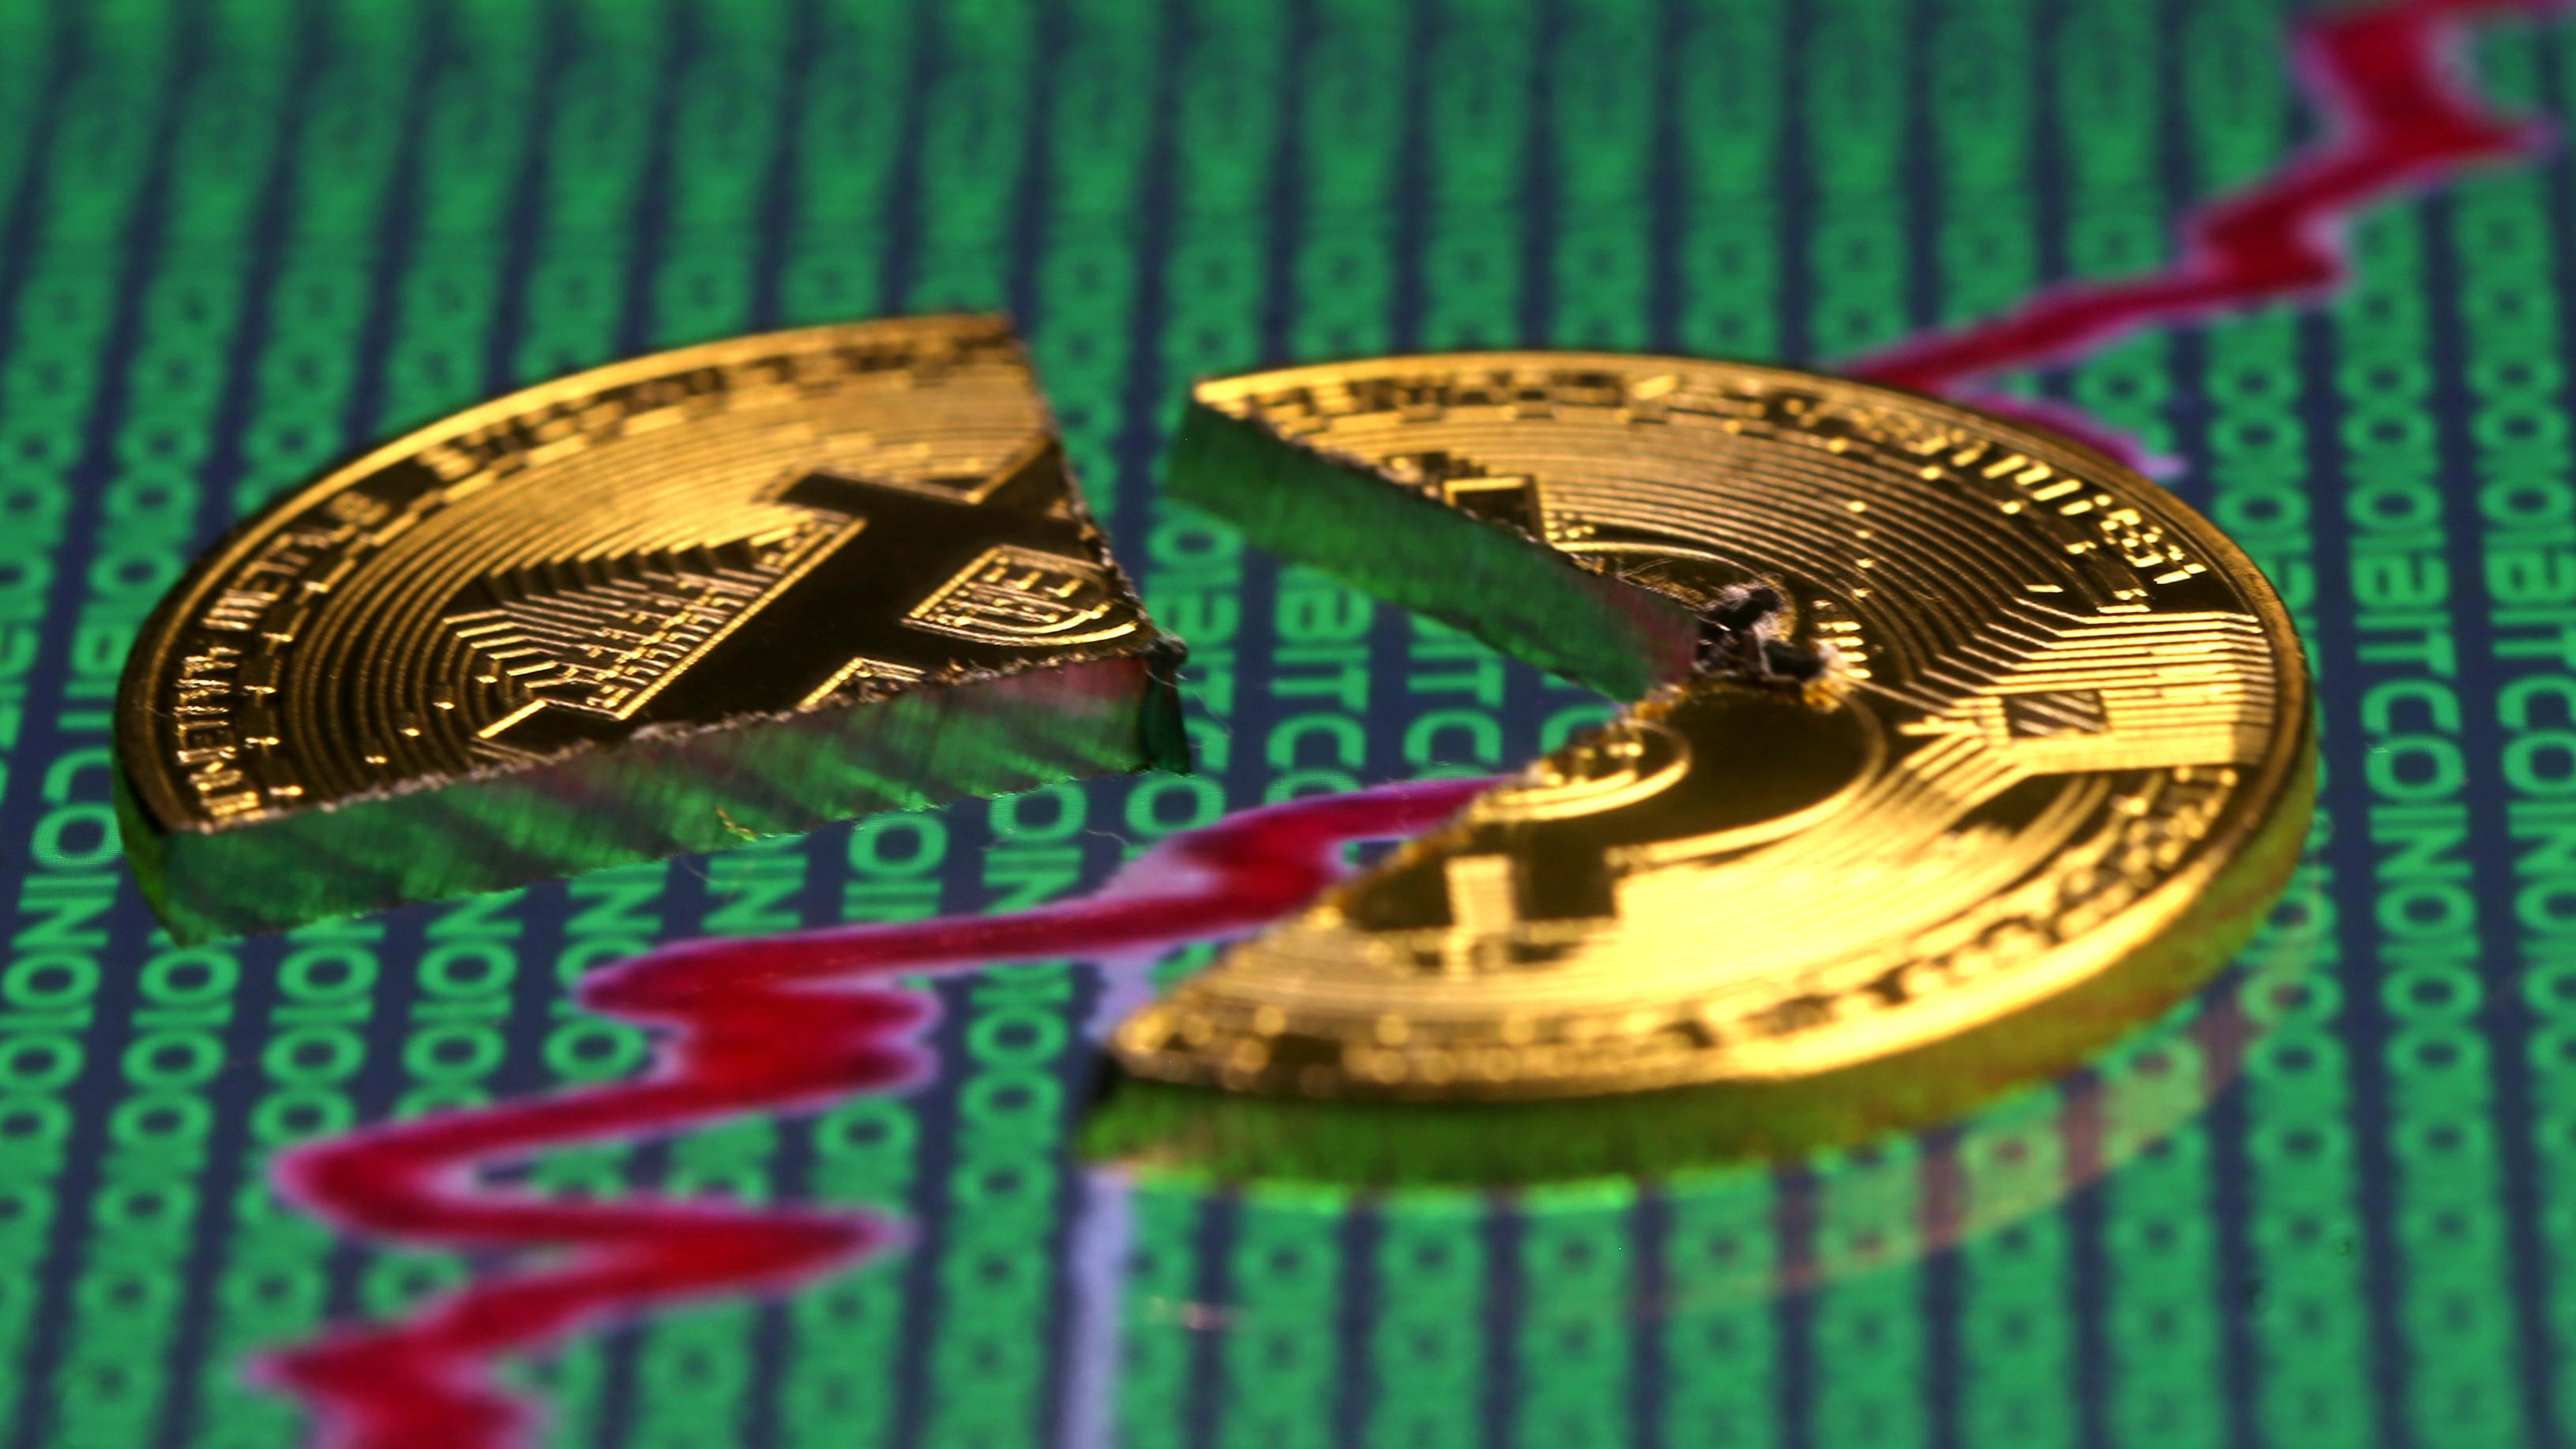 Monero cryptocurrency price in india